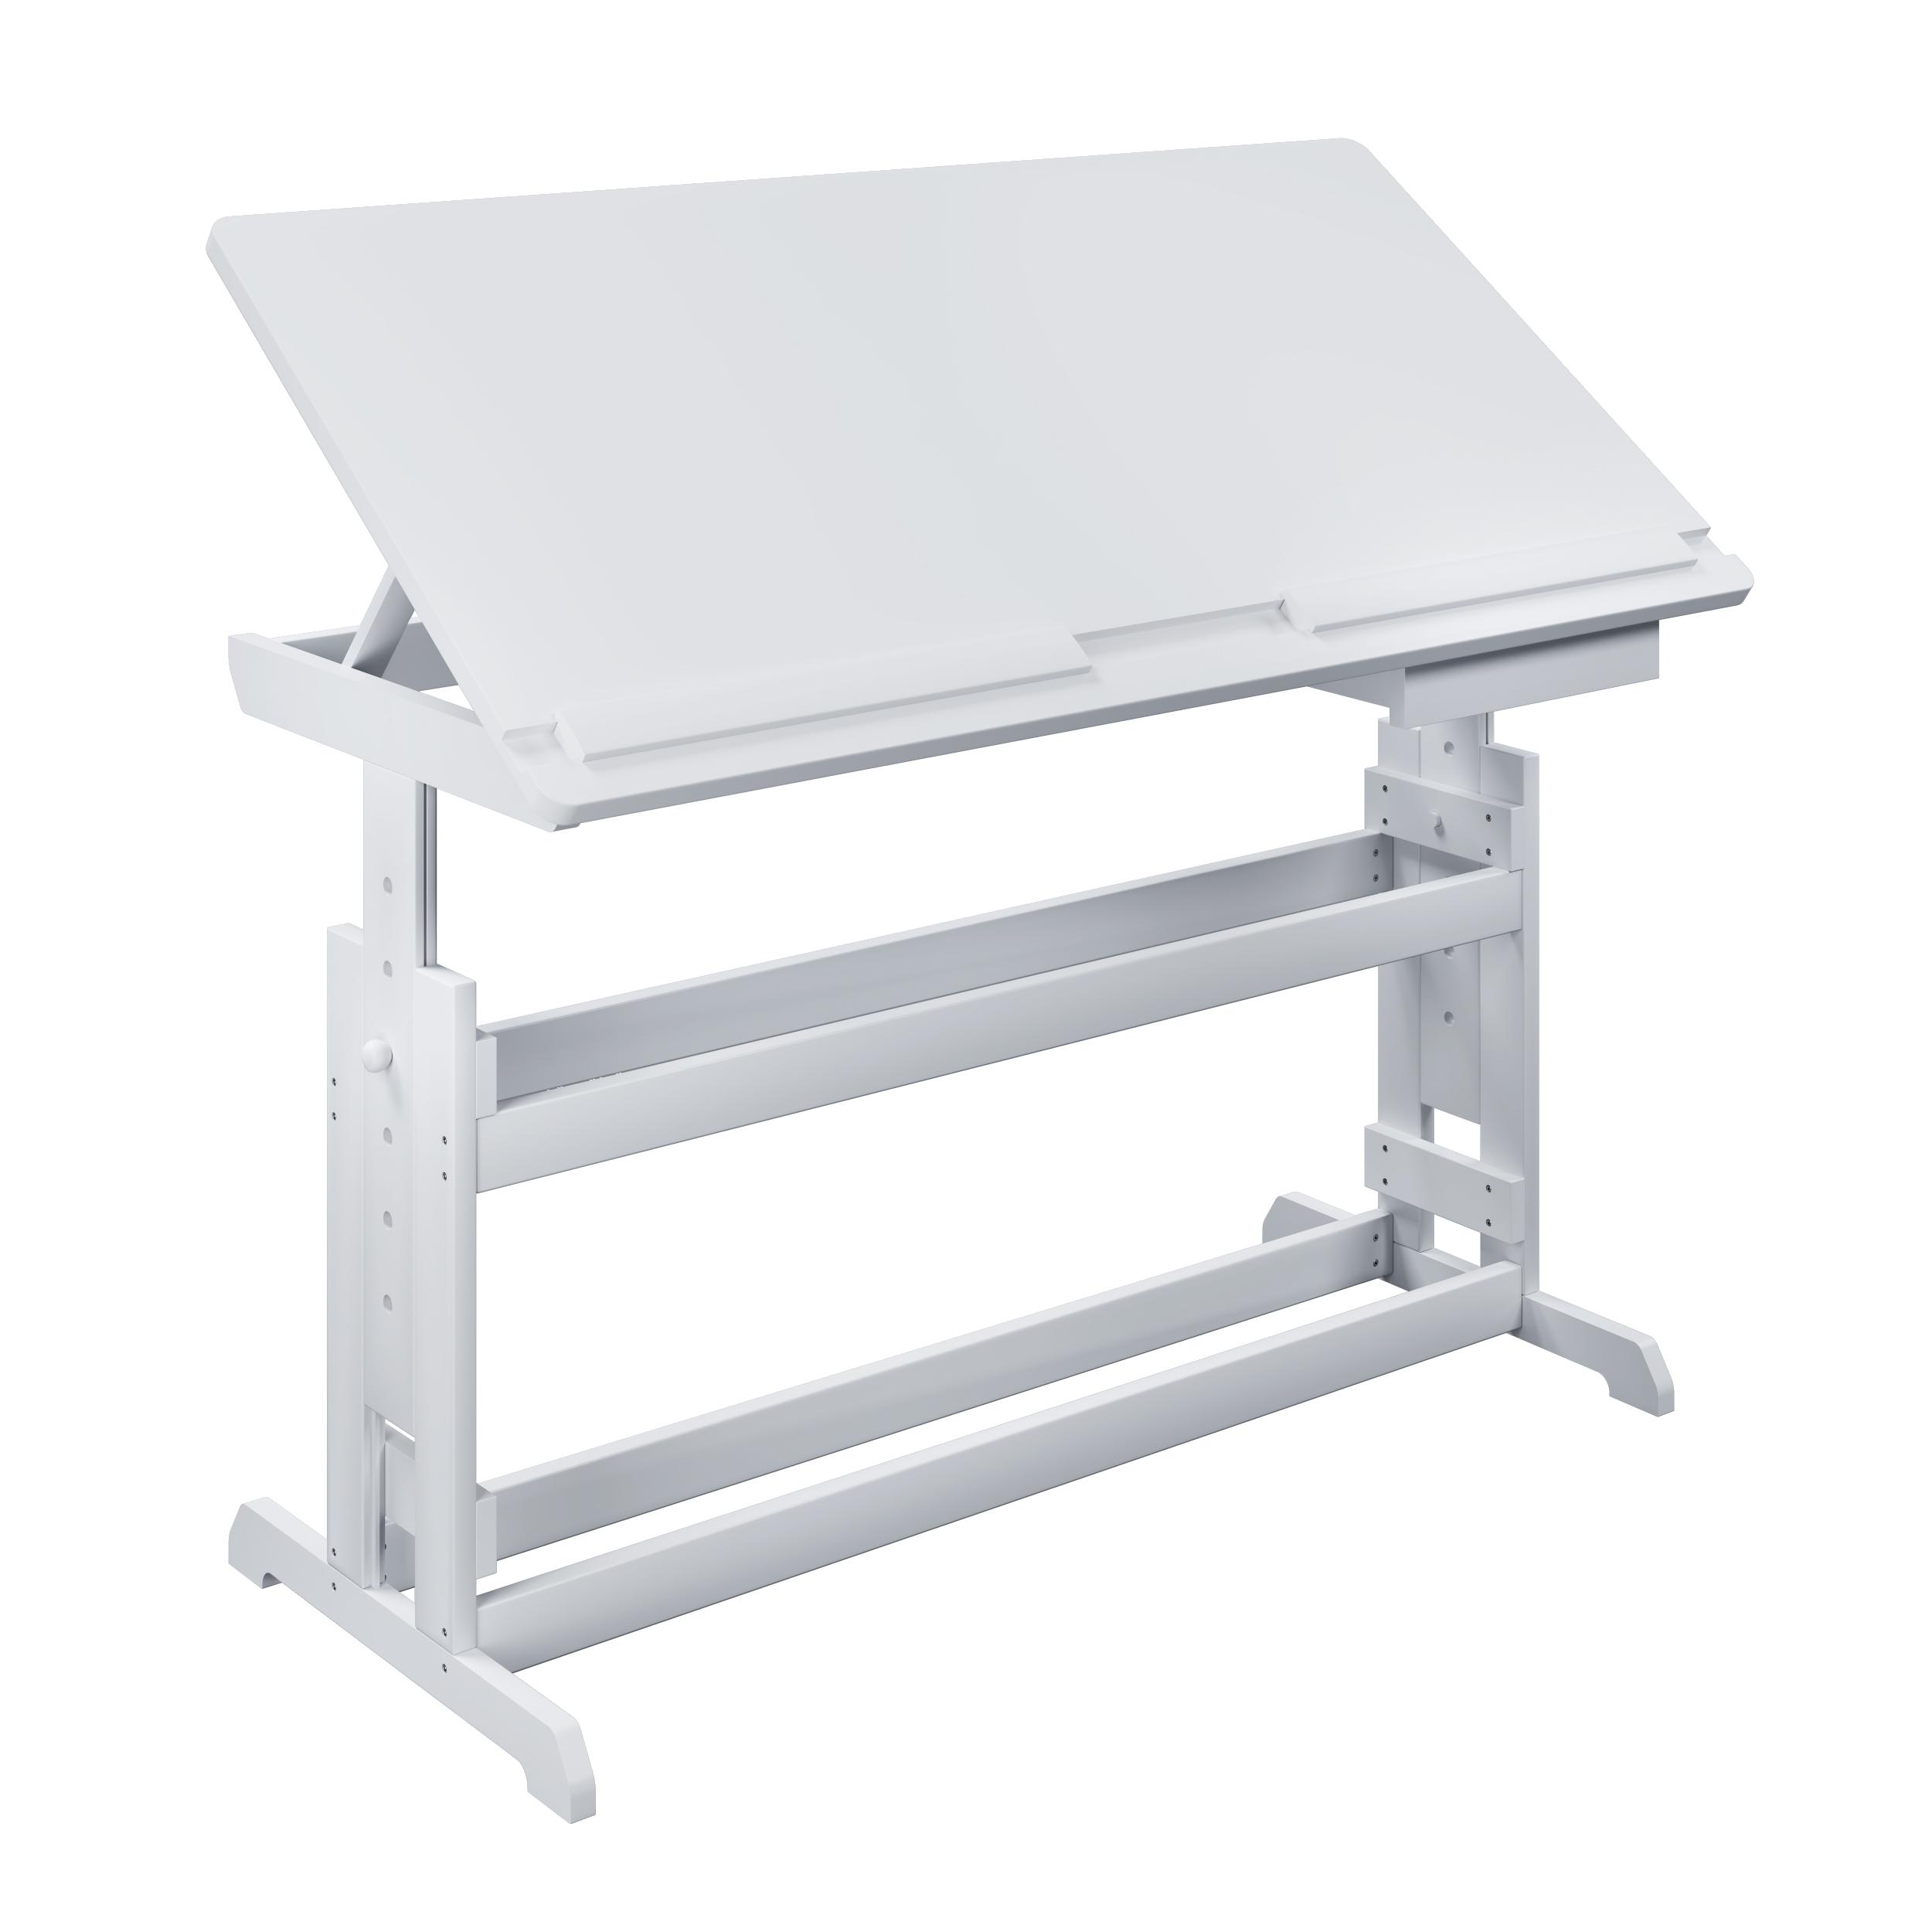 Gewaltig Kinderschreibtisch Höhenverstellbar Das Beste Von Jugendschreibtisch Weiß Schreibtisch Höhenverstellbar Neigbar